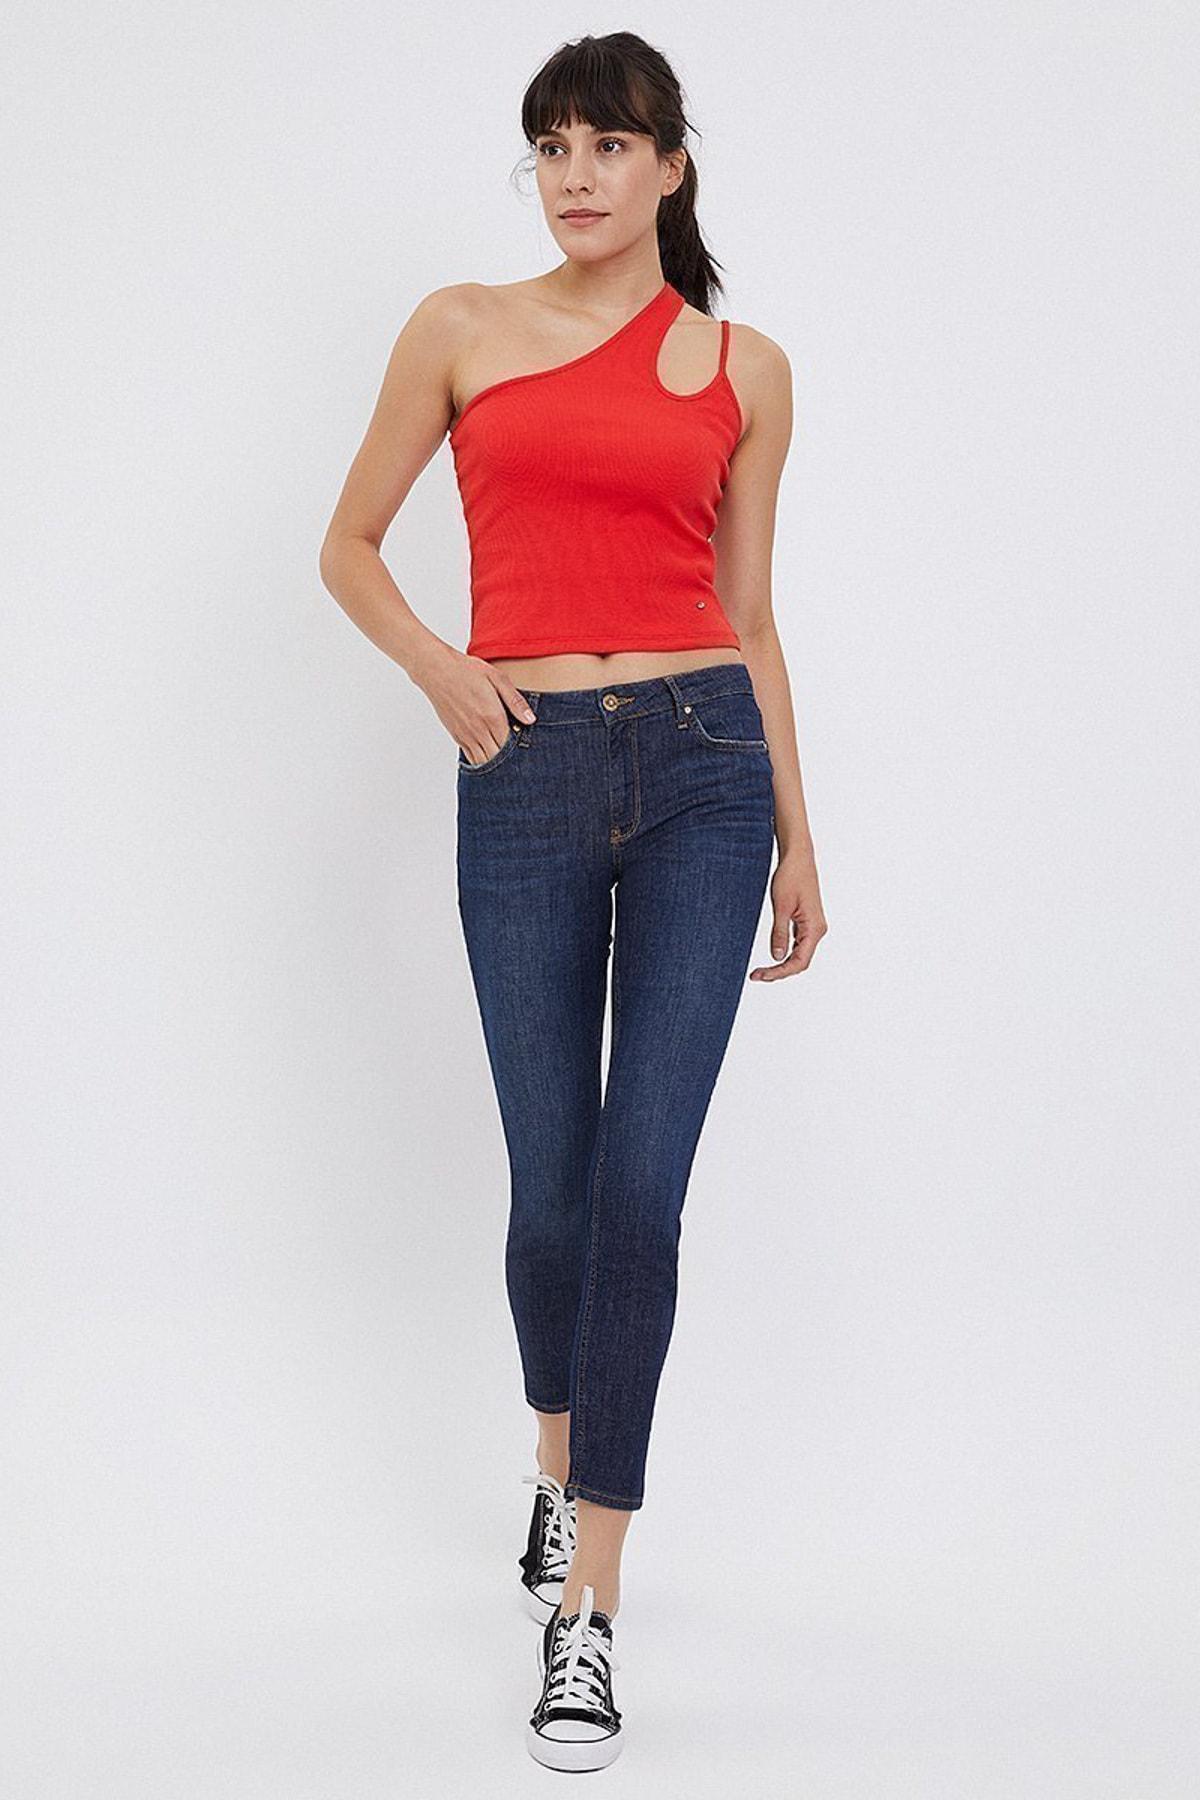 Loft Kadın Jeans LF2024051 1